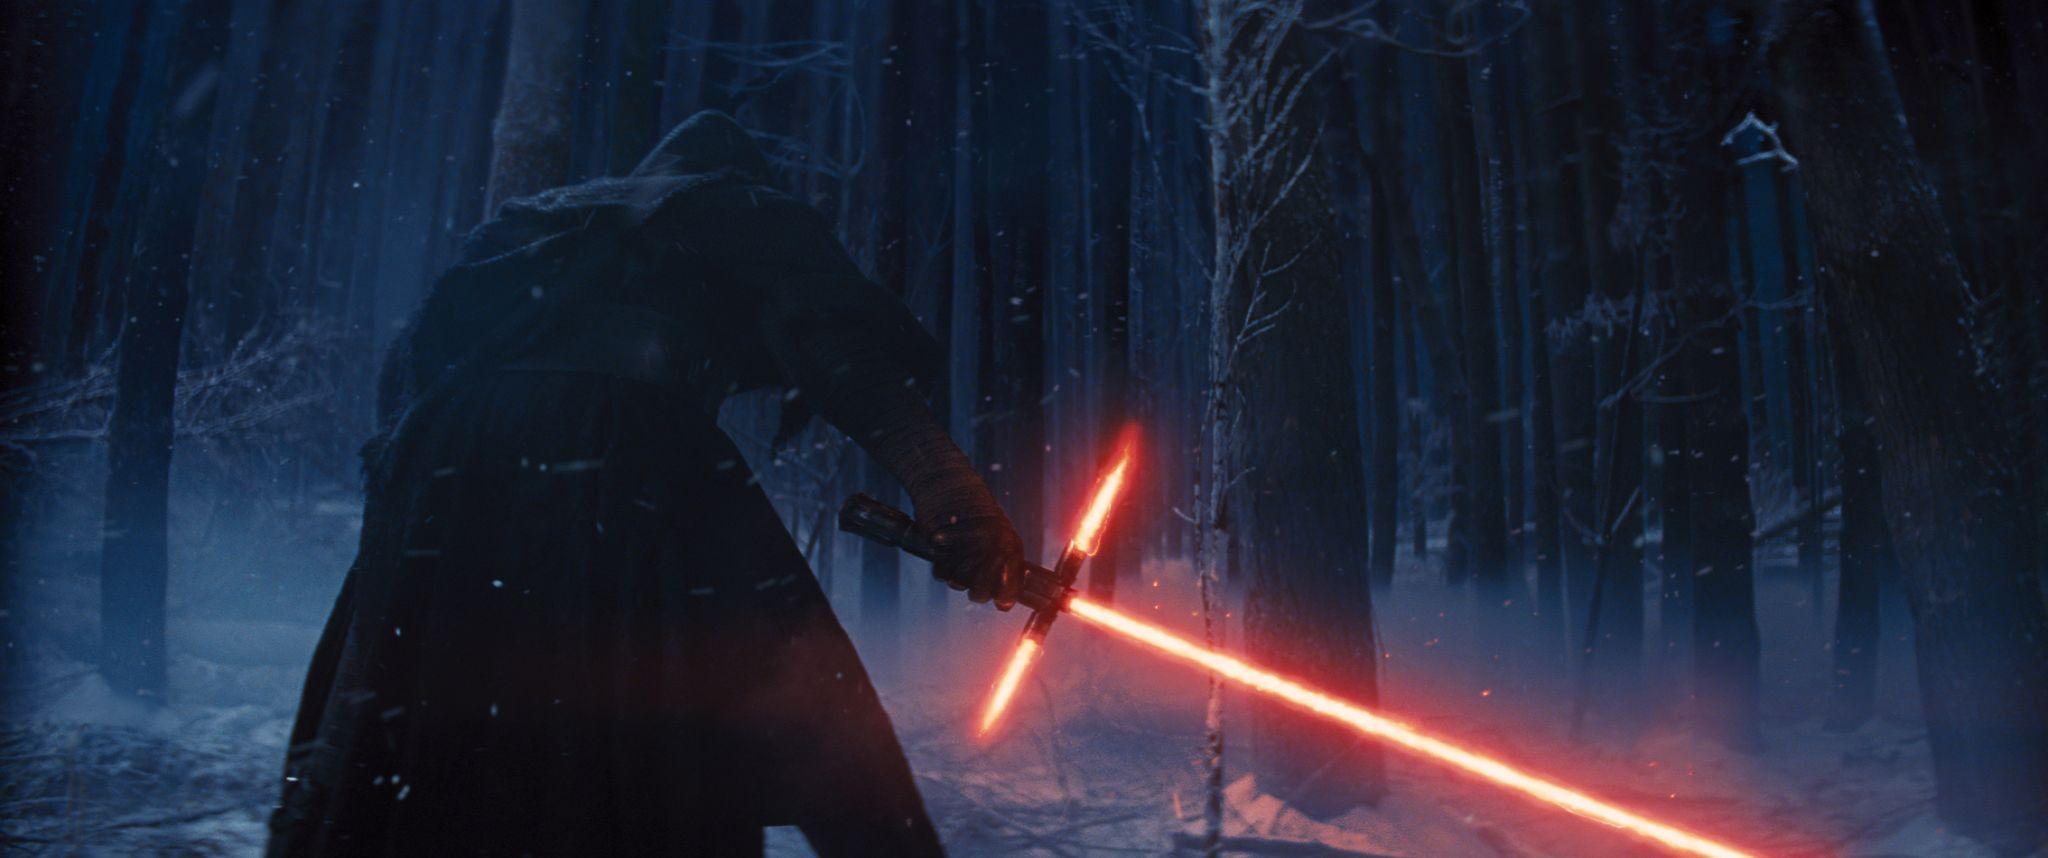 La fantasía creada por George Lucas hace casi 40 años llega con nuevos personajes.